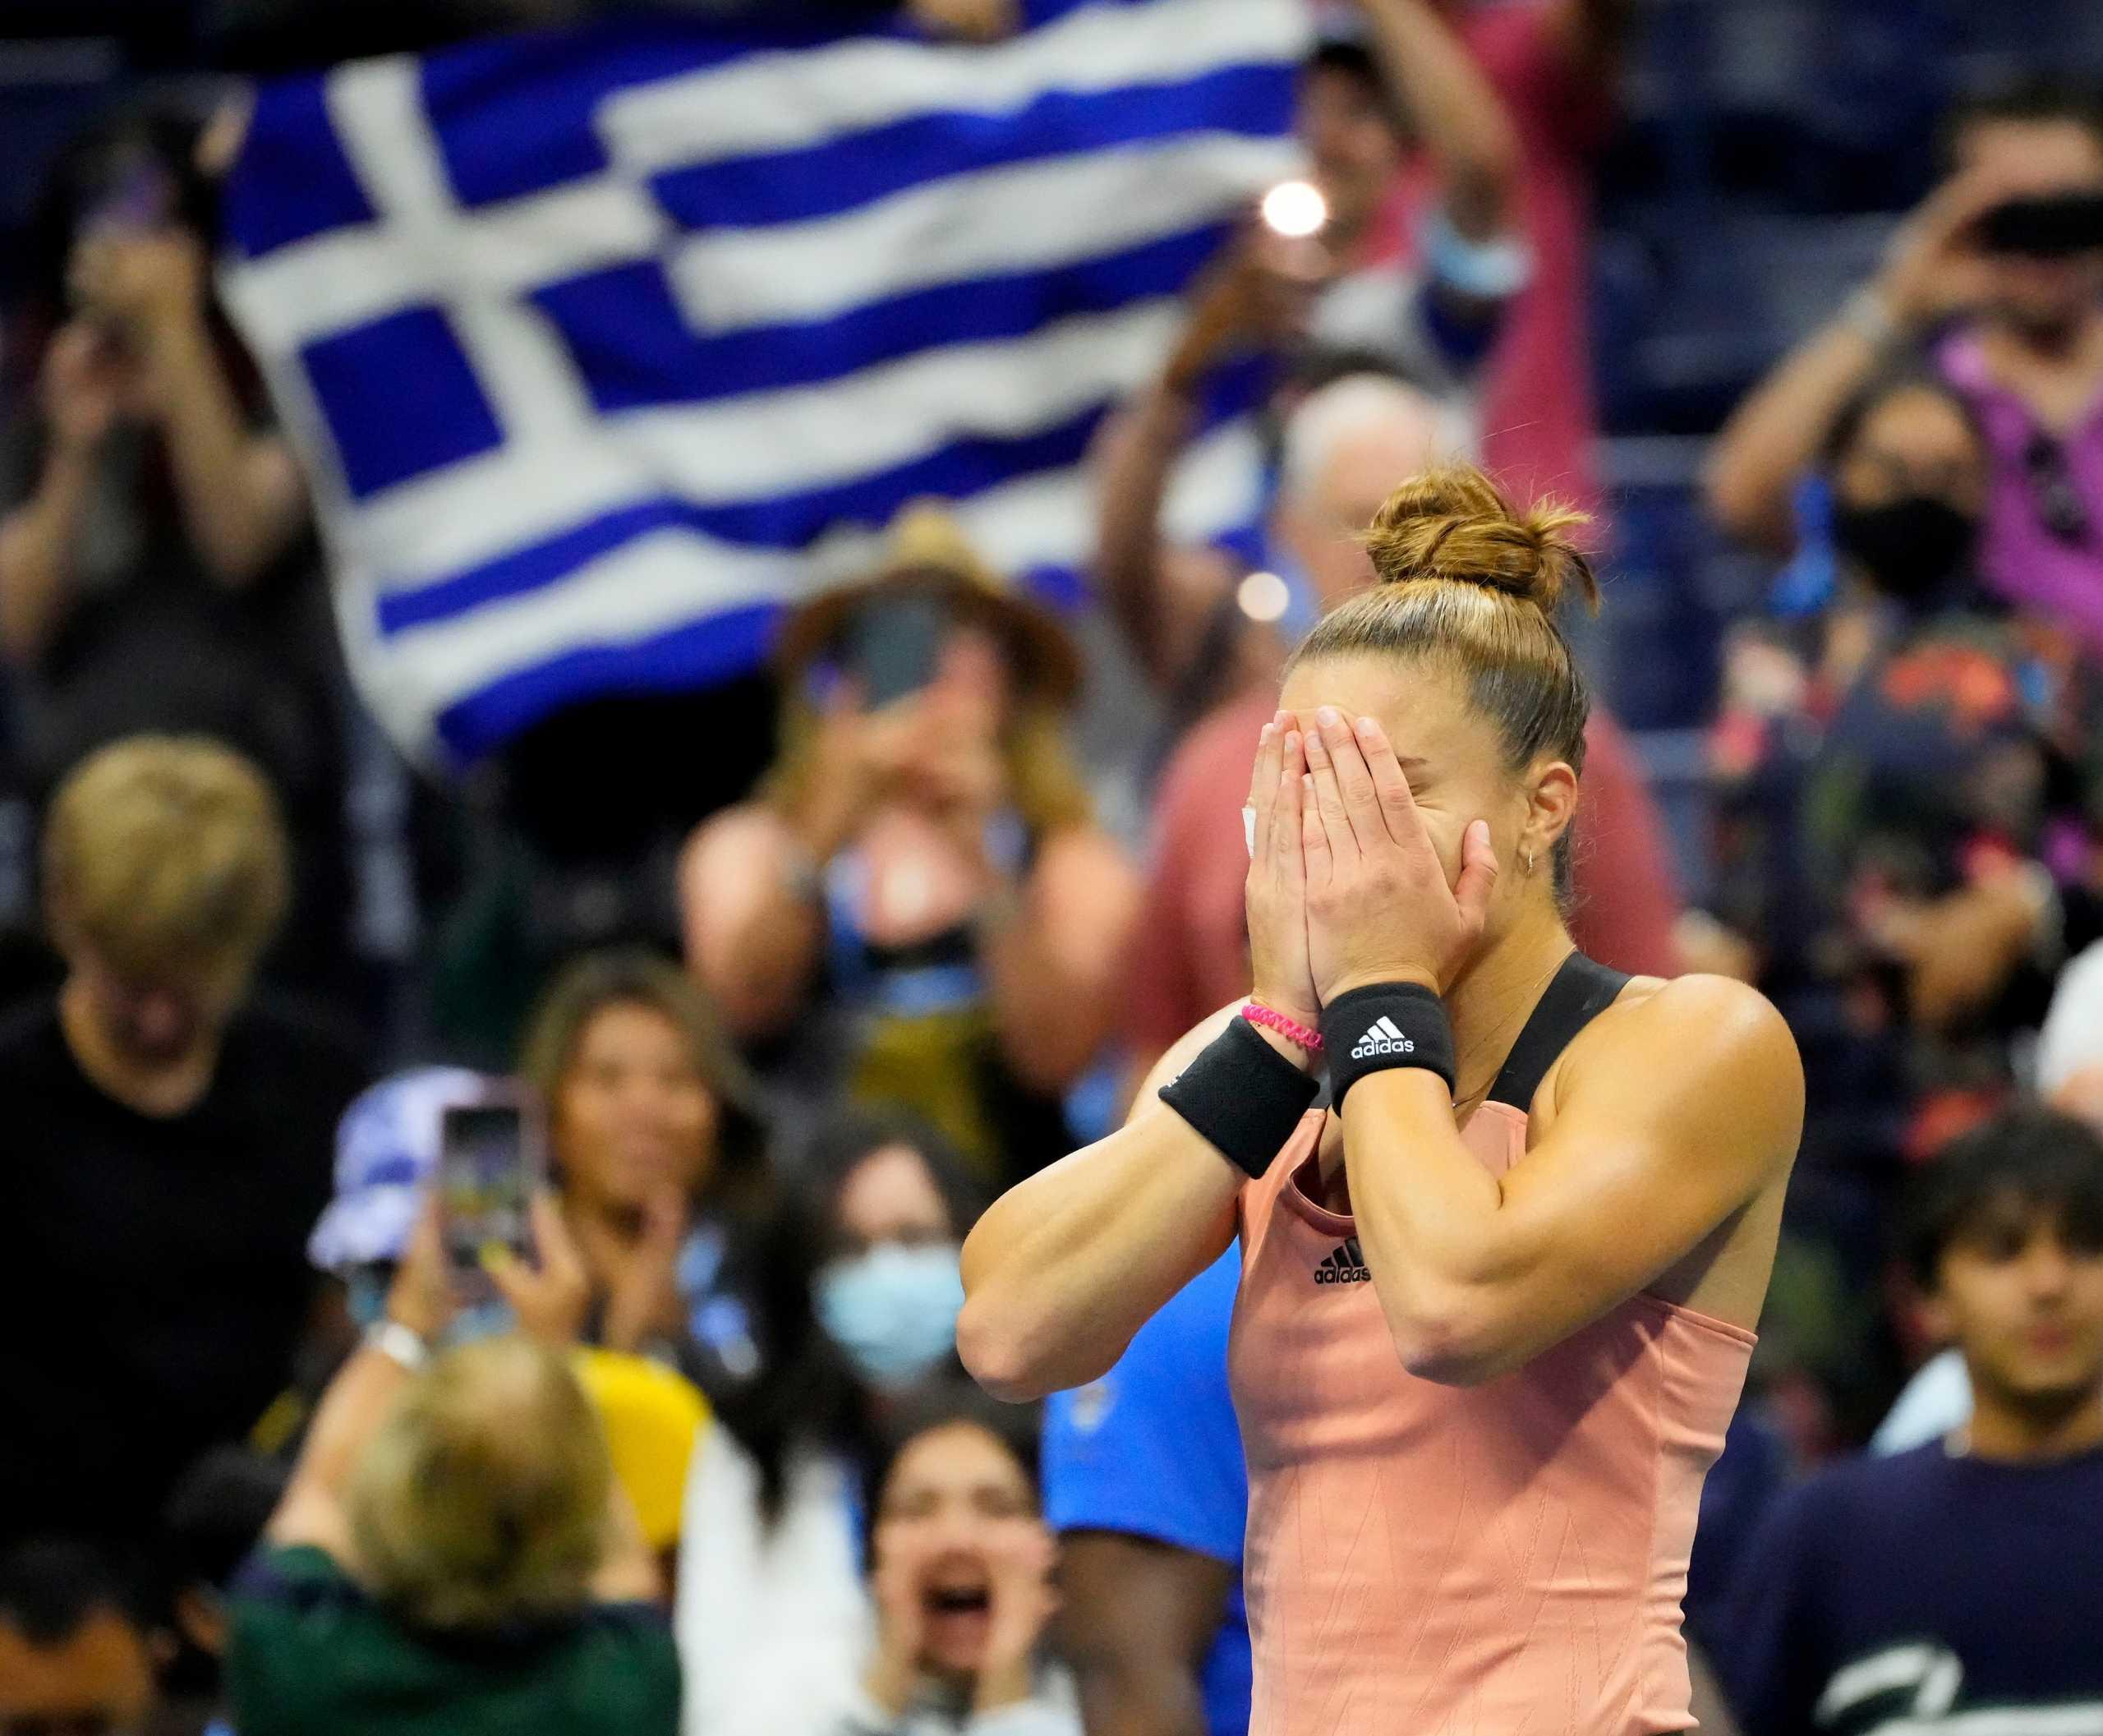 Η Μαρία Σάκκαρη αφιέρωσε στην Ελλάδα την πρόκριση της στα ημιτελικά του US Open